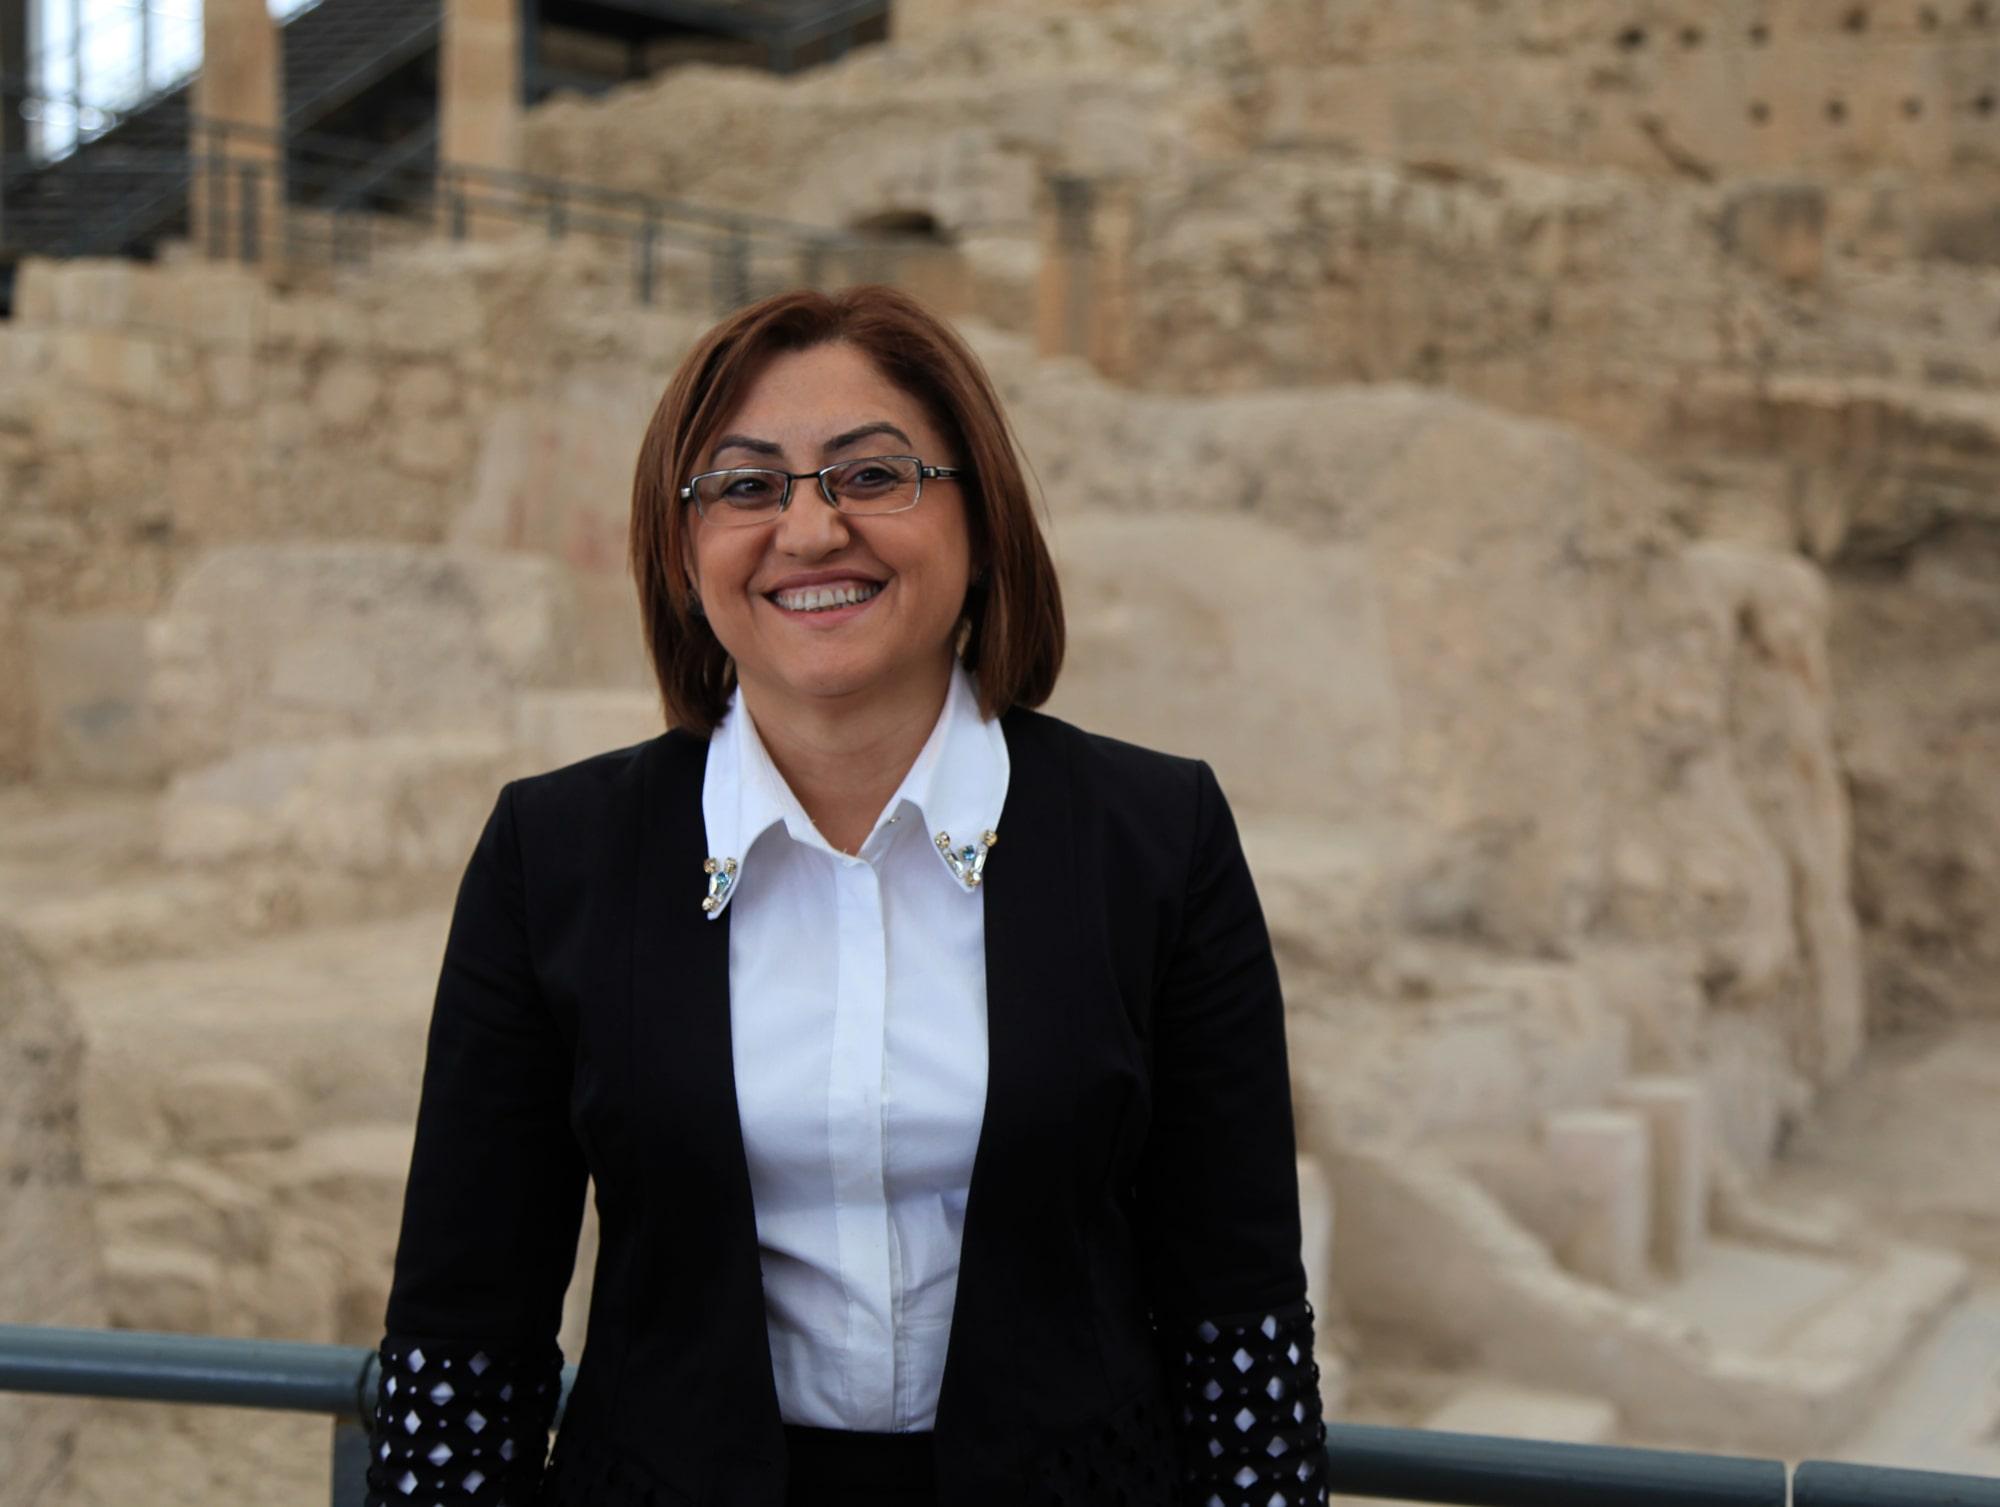 Gaziantep Belediye Başkanı Fatma Şahin